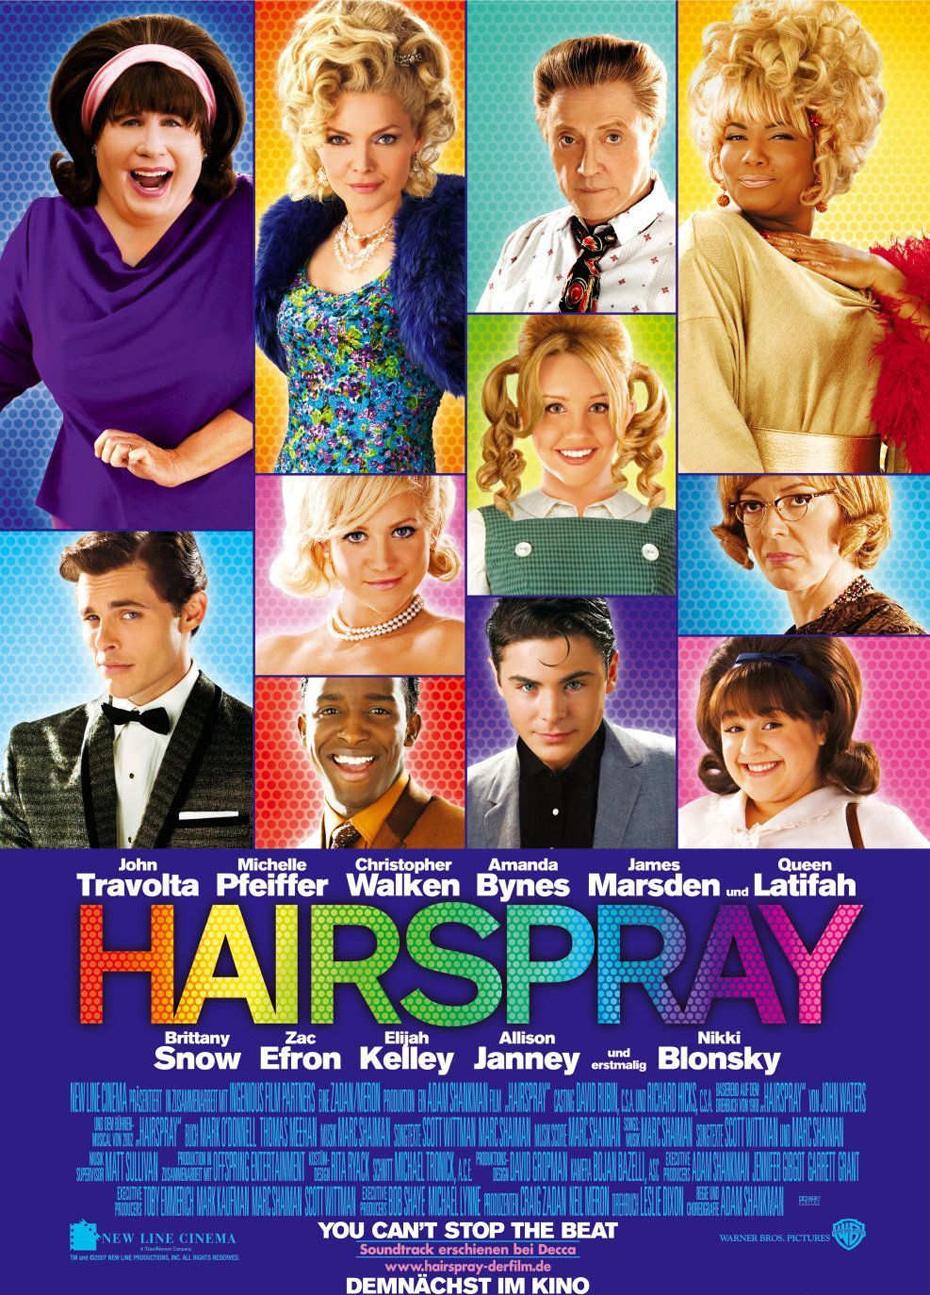 hairpsray